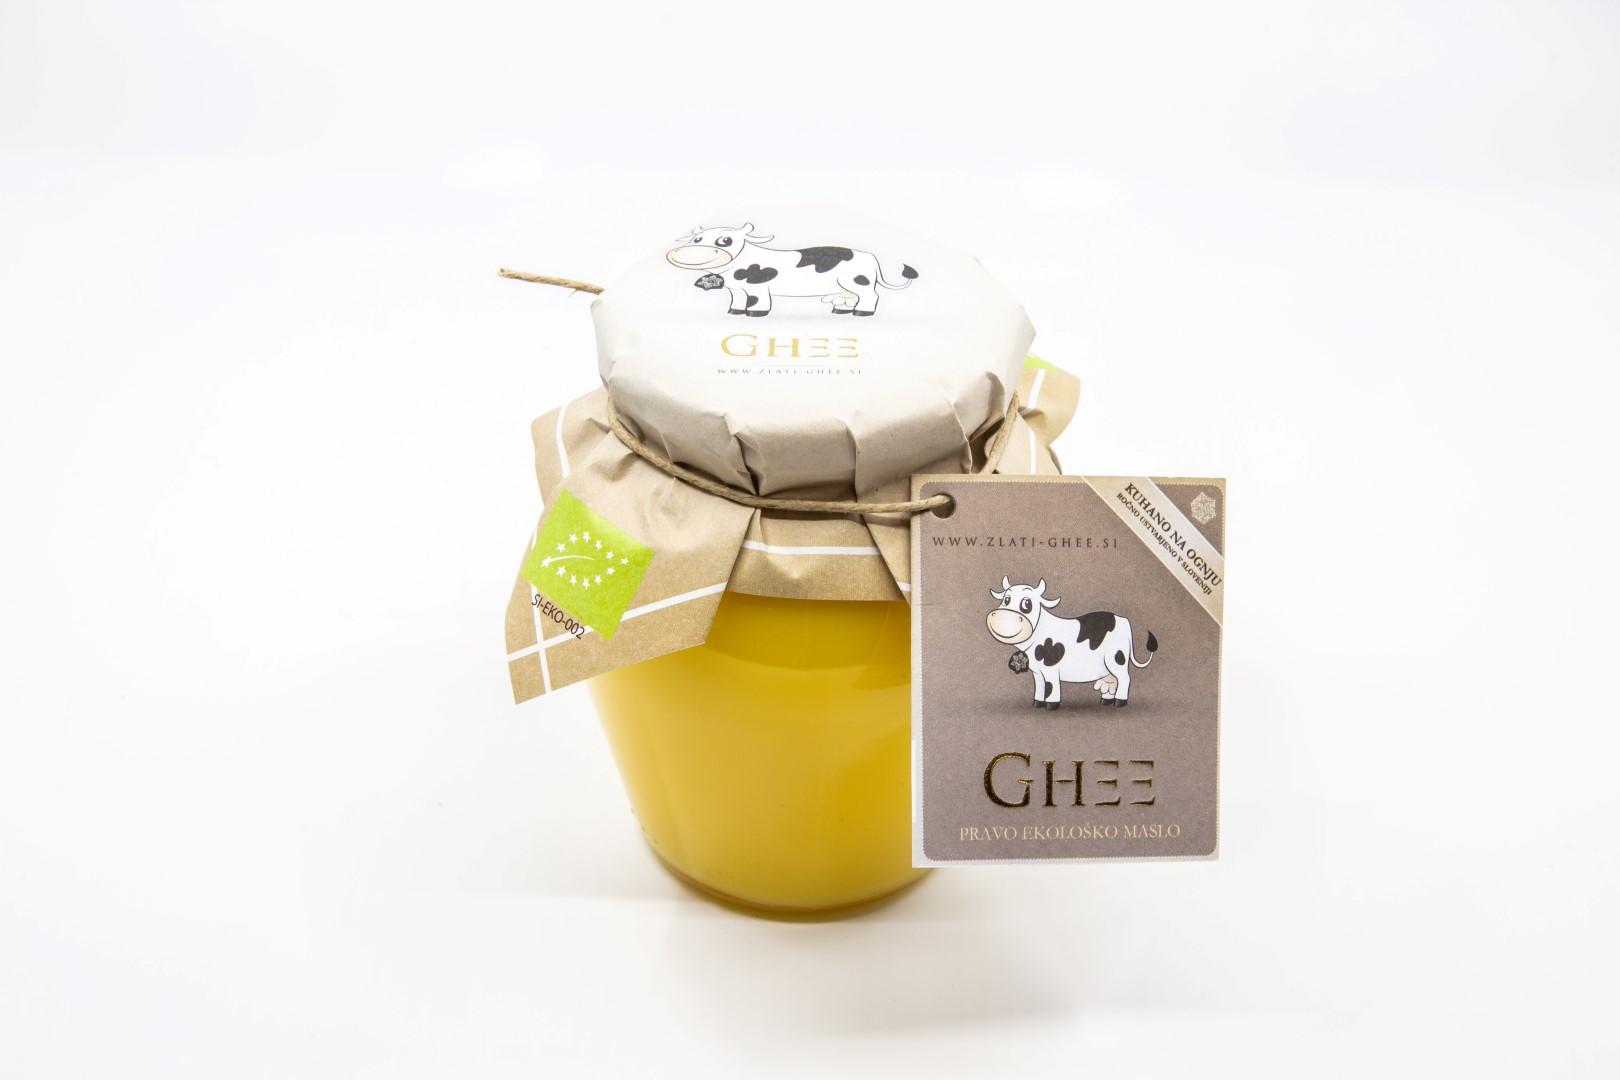 Golden ghee clarified butter 370ml 1